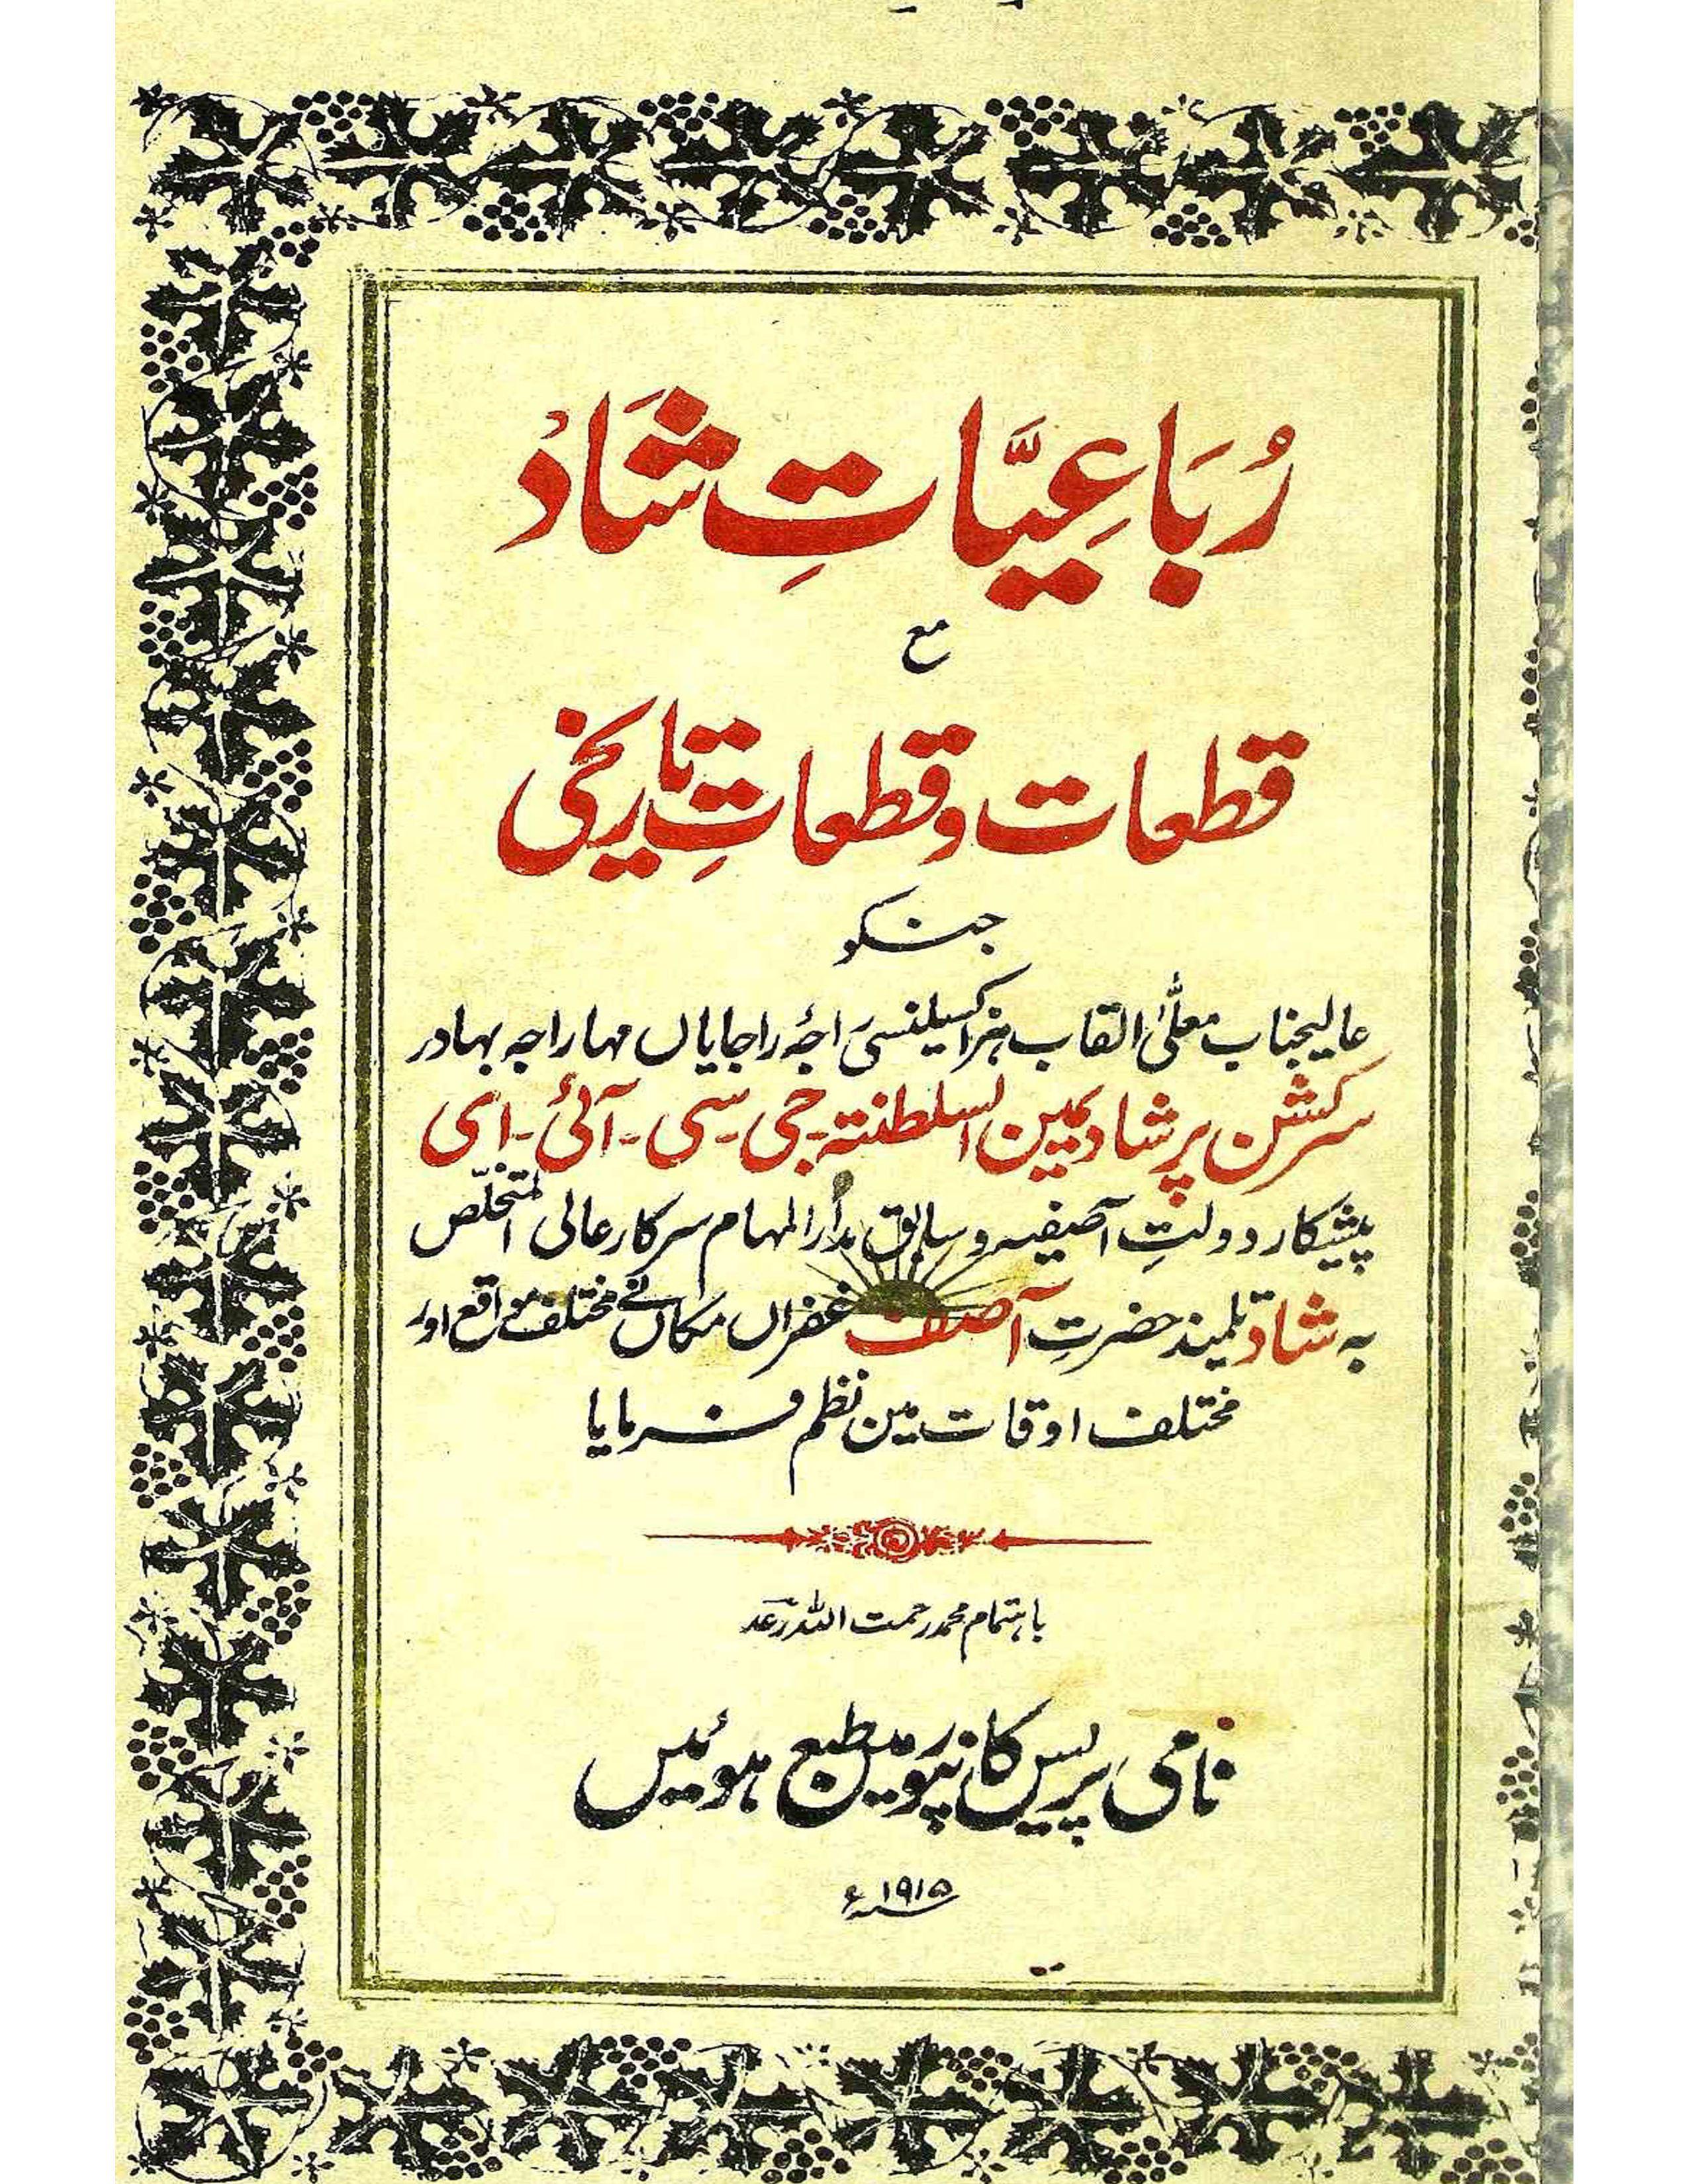 Rubaiyat-e-Shaad     Qitaat-o-Qitaat-e-Tareekhi